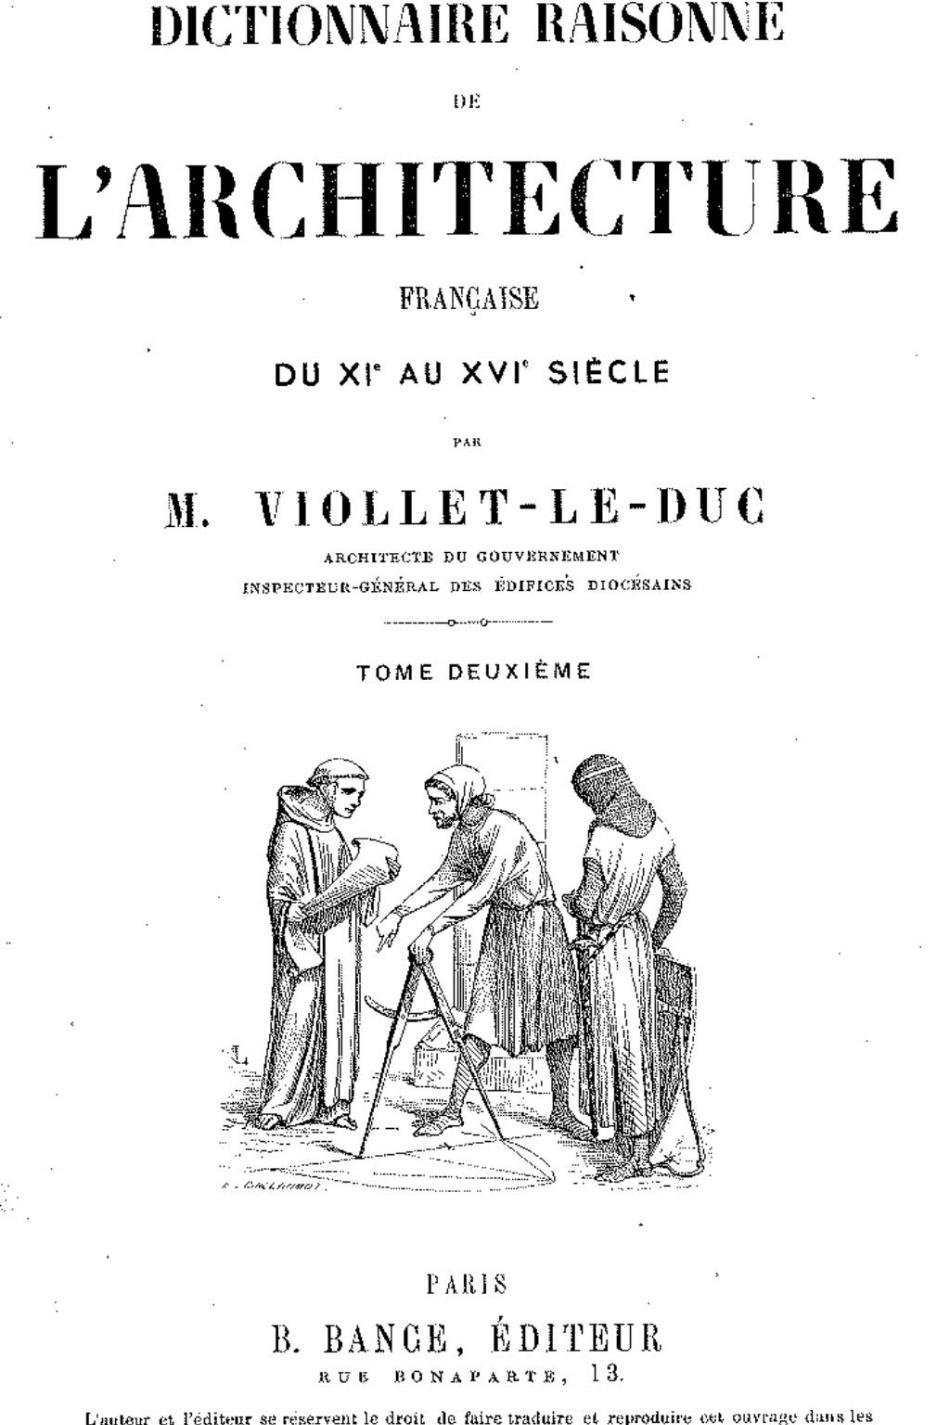 Figure         SEQ Figure \* ARABIC       1          .  Eugène-Emmanuel Viollet-le-Duc,  Dictionnaire raisonne de l'architecture francaise du Xle au XVle siècle  (1879).